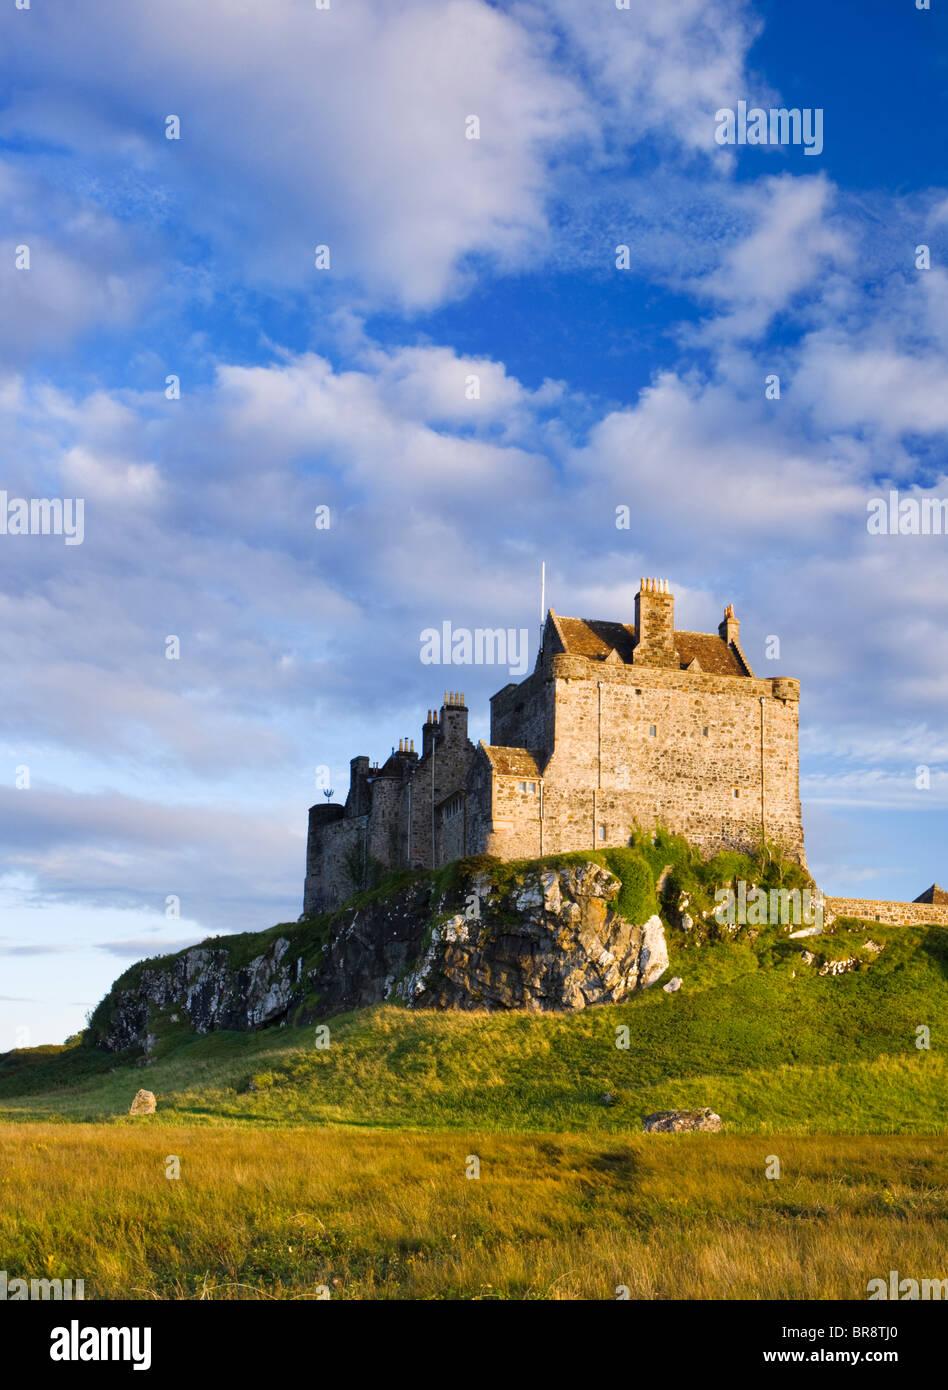 Duart Castle, Isle of Mull, Argyll, Scotland, UK. - Stock Image